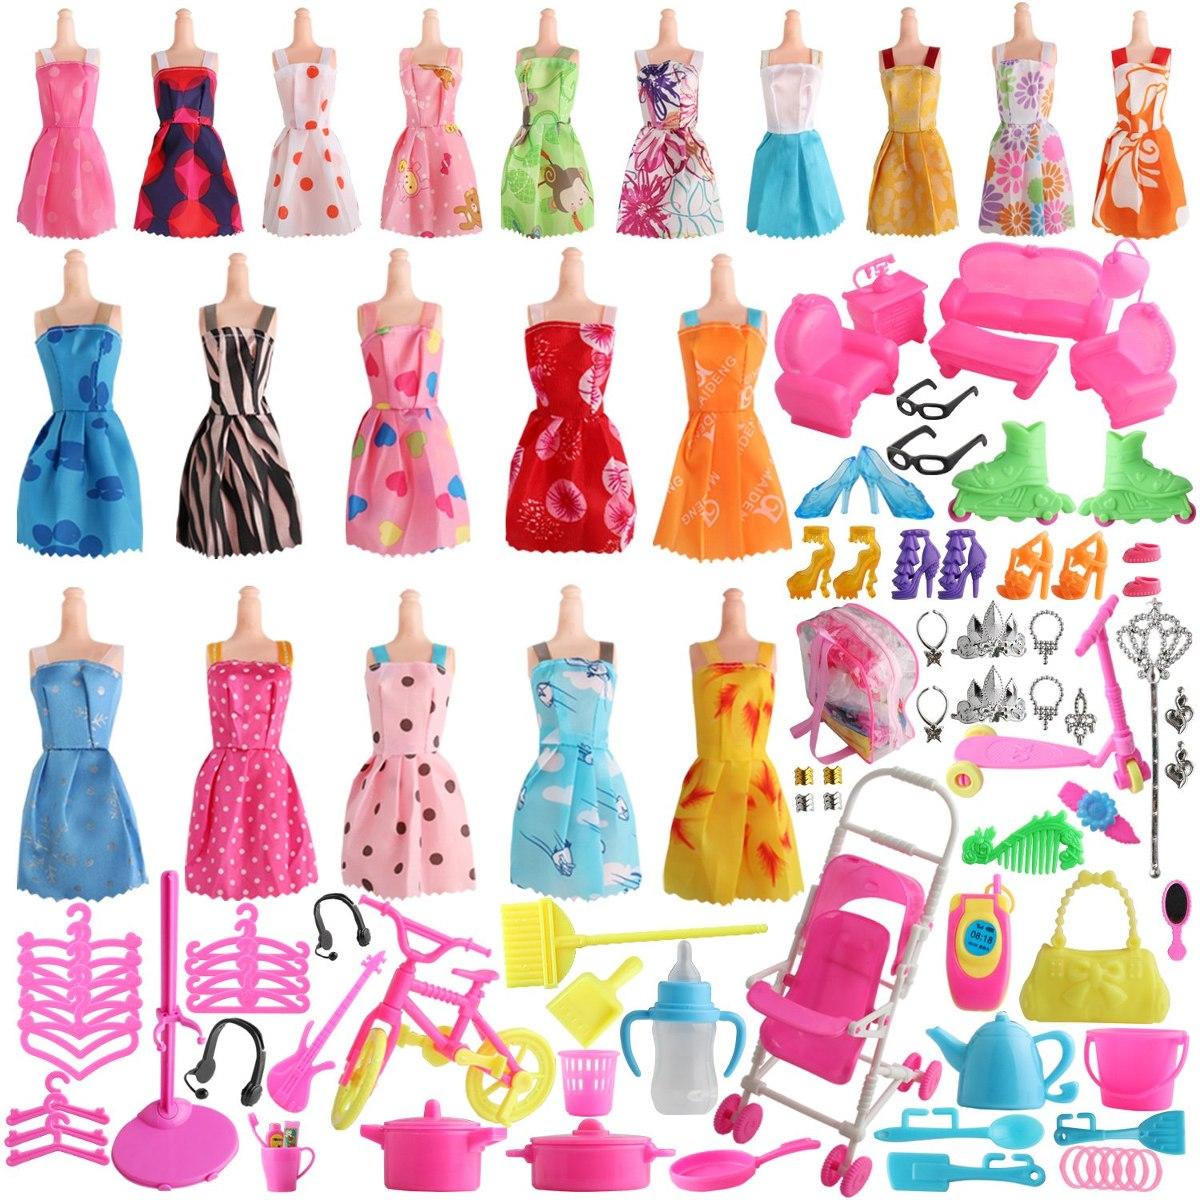 bcb29cfc98fc Sotogo Pc 125 Muñeca Barbie Ropa Juego Incluye 20 Pack Ba - U S 47 ...